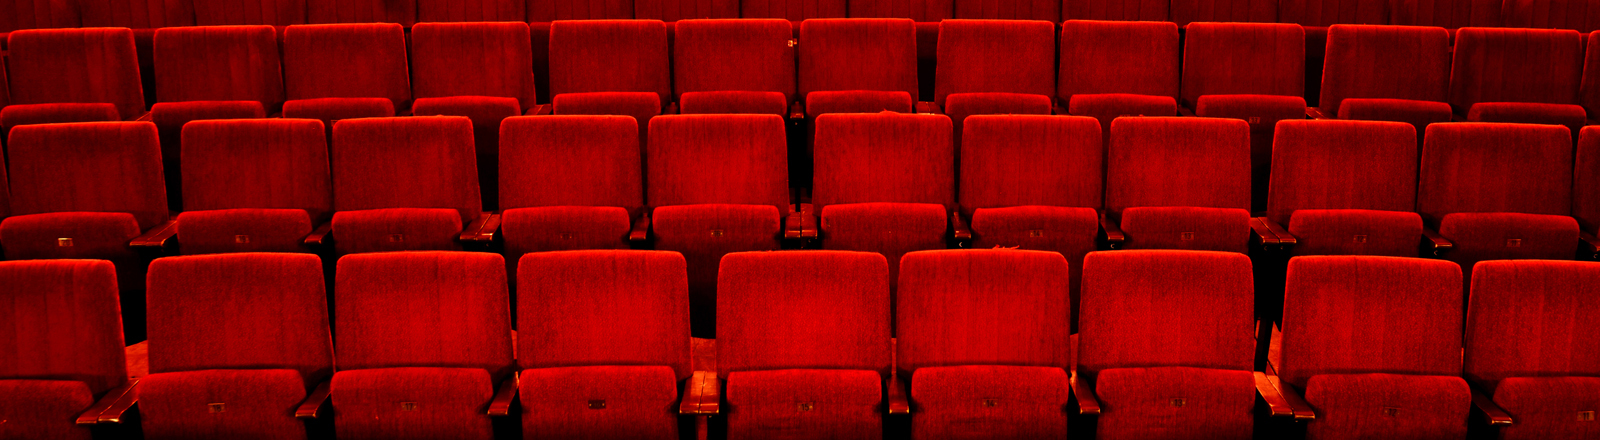 Leerer Kinosaal.